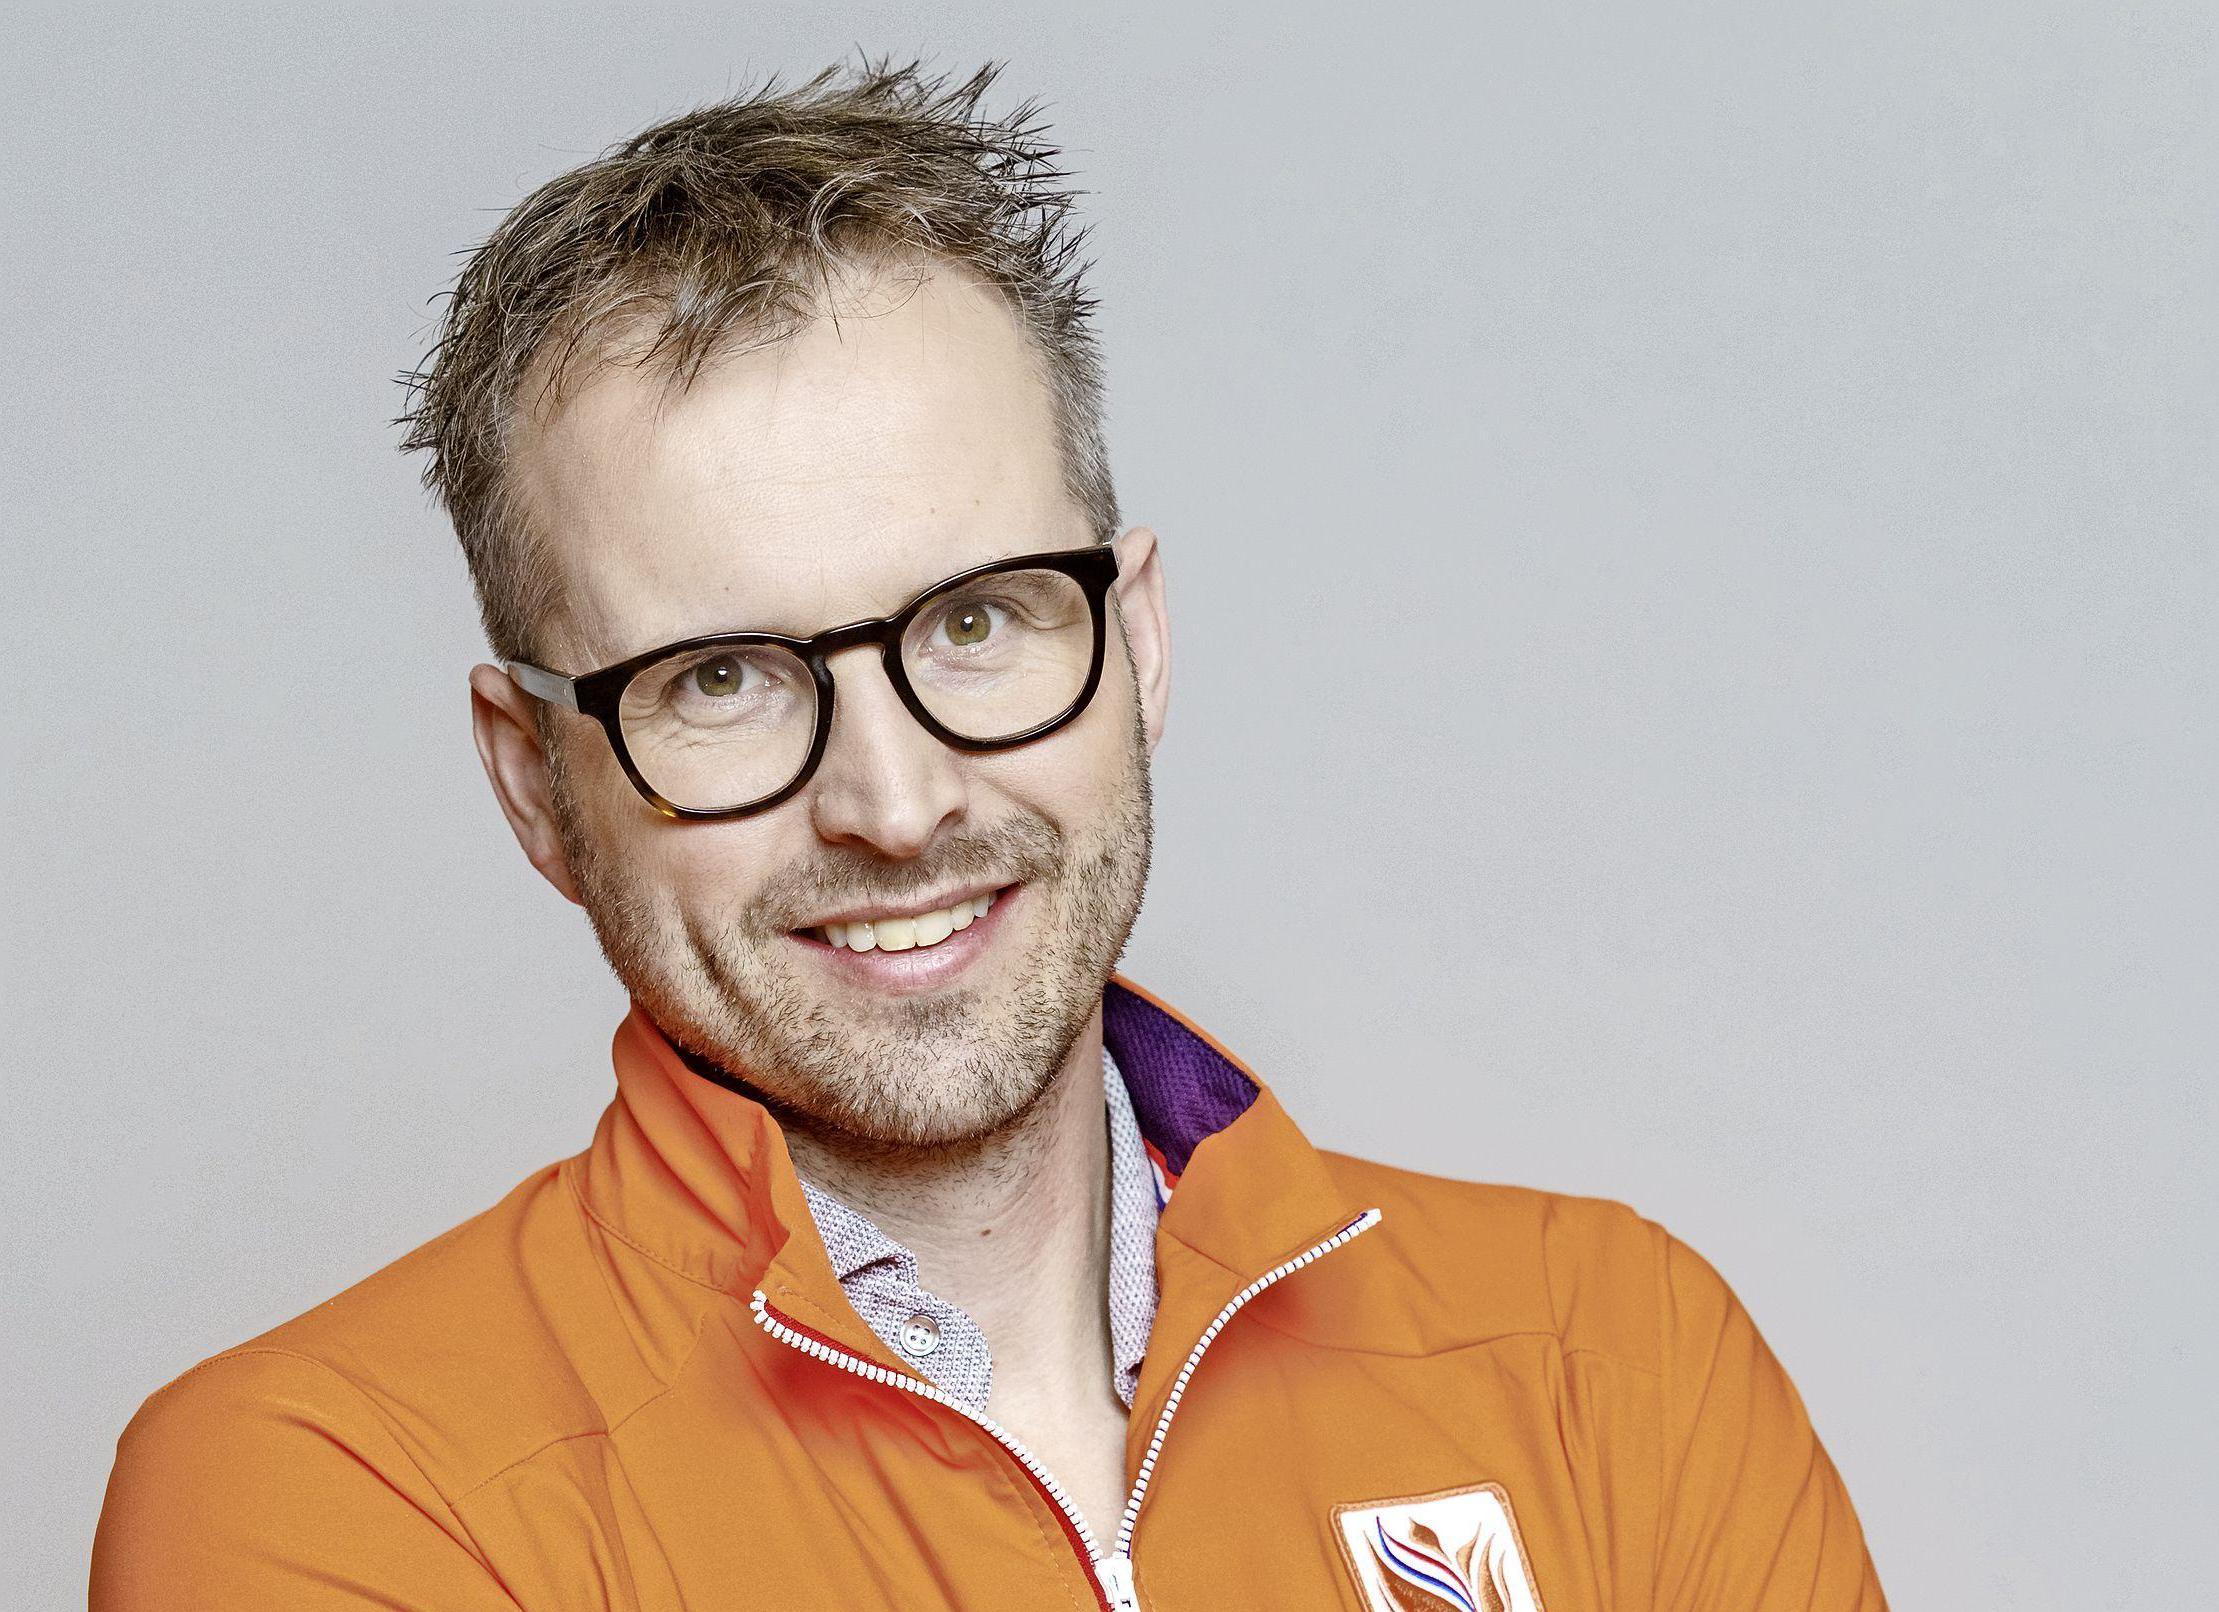 Gerben Wiersma stopt per direct als bondscoach van de Nederlandse turnsters. Opstappen kan niet los worden gezien van turncrisis